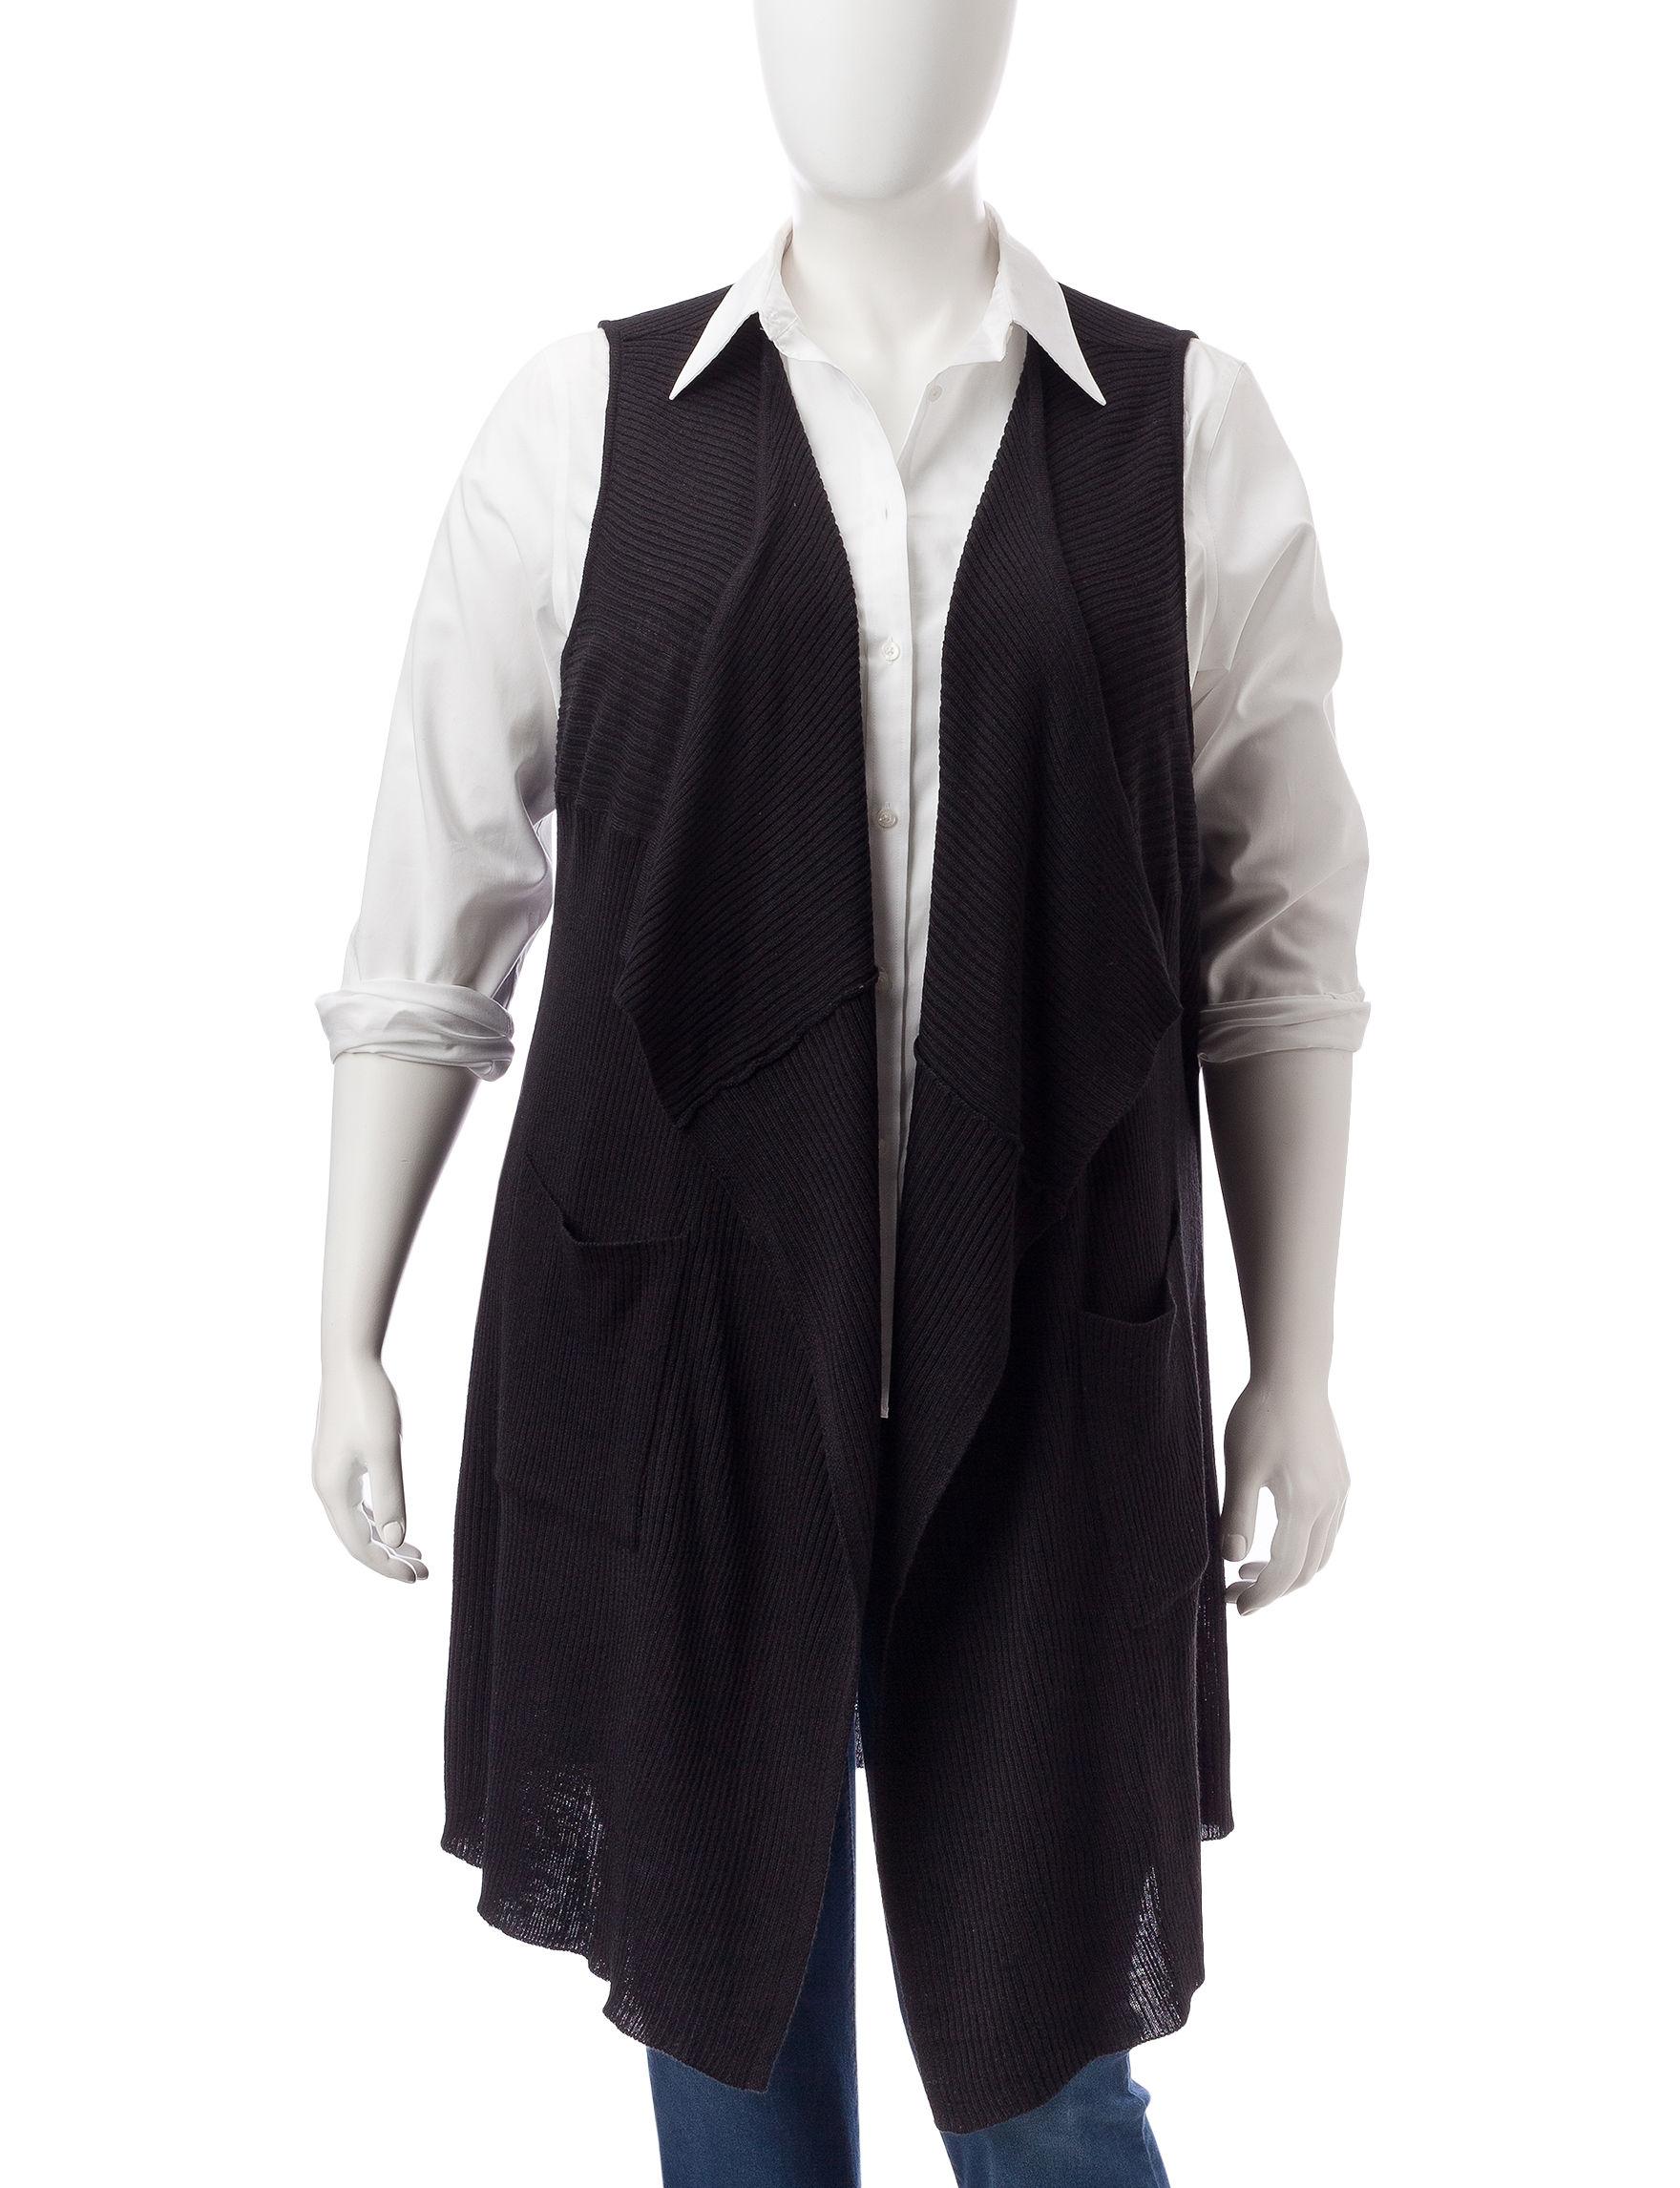 Signature Studio Black Sweaters Vests